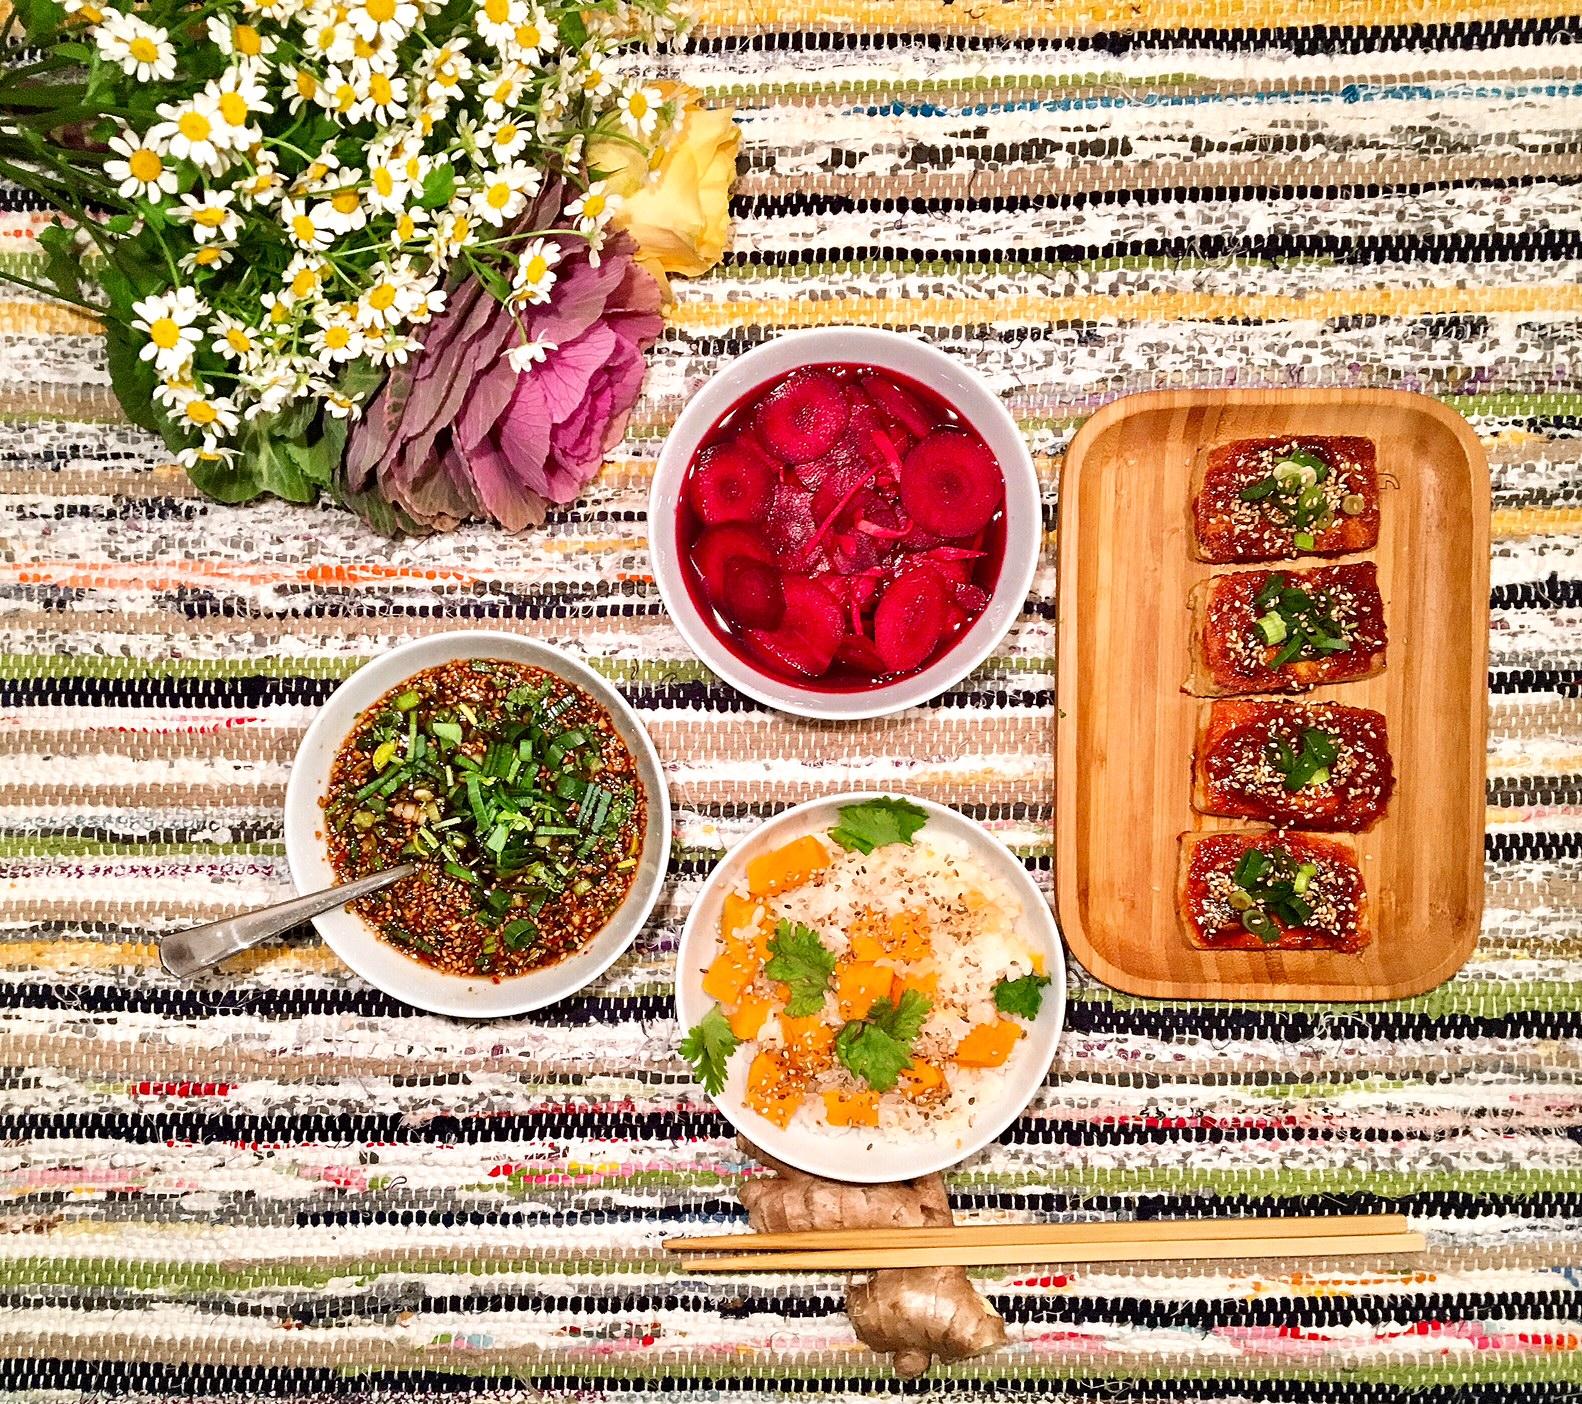 Tofu laqué au gochujang, goguma-bap et pickles de carottes mauves